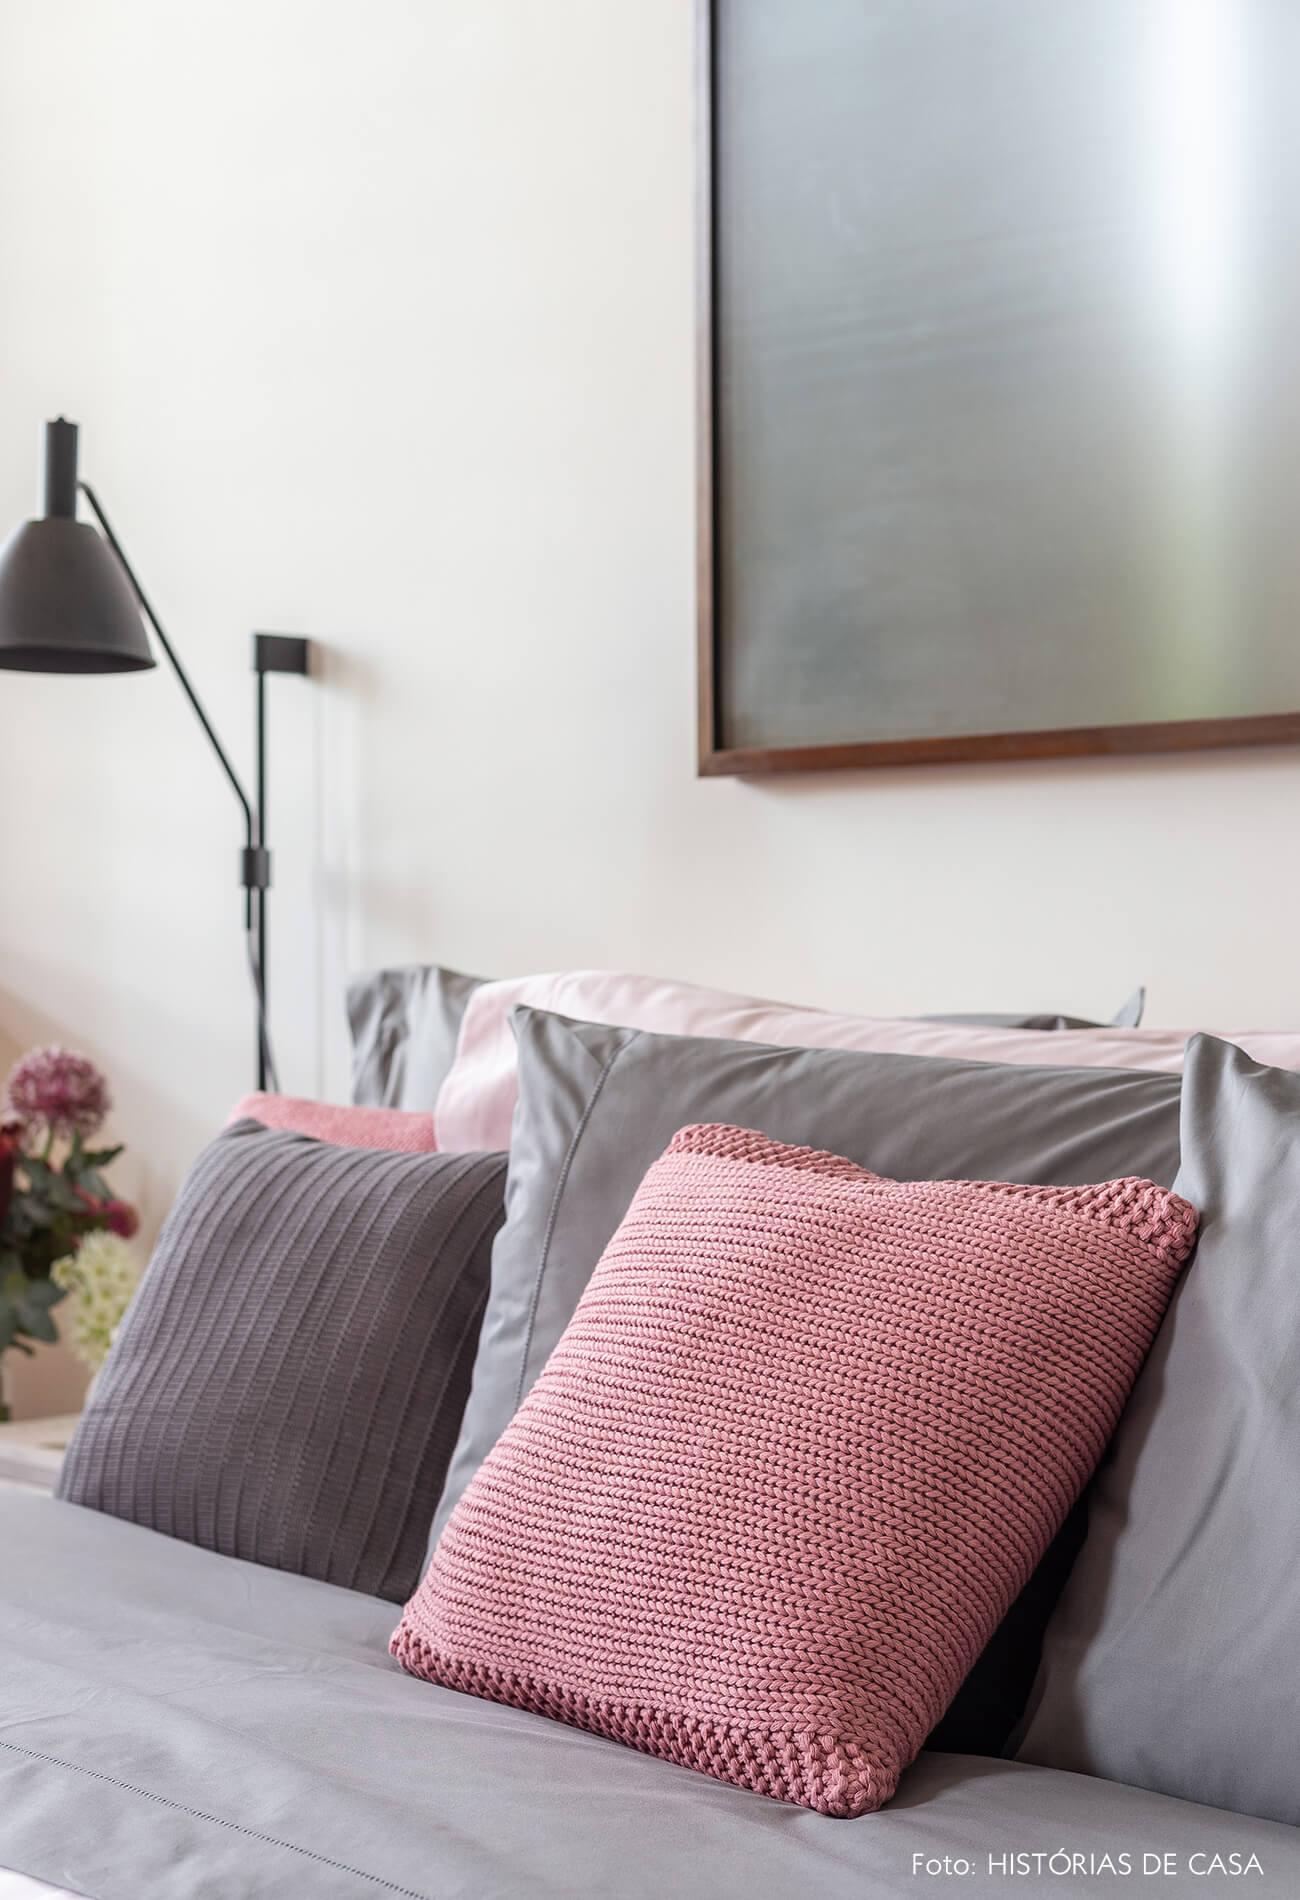 Quarto de casal com roupa de cama cinza e rosa, almofada de tricô